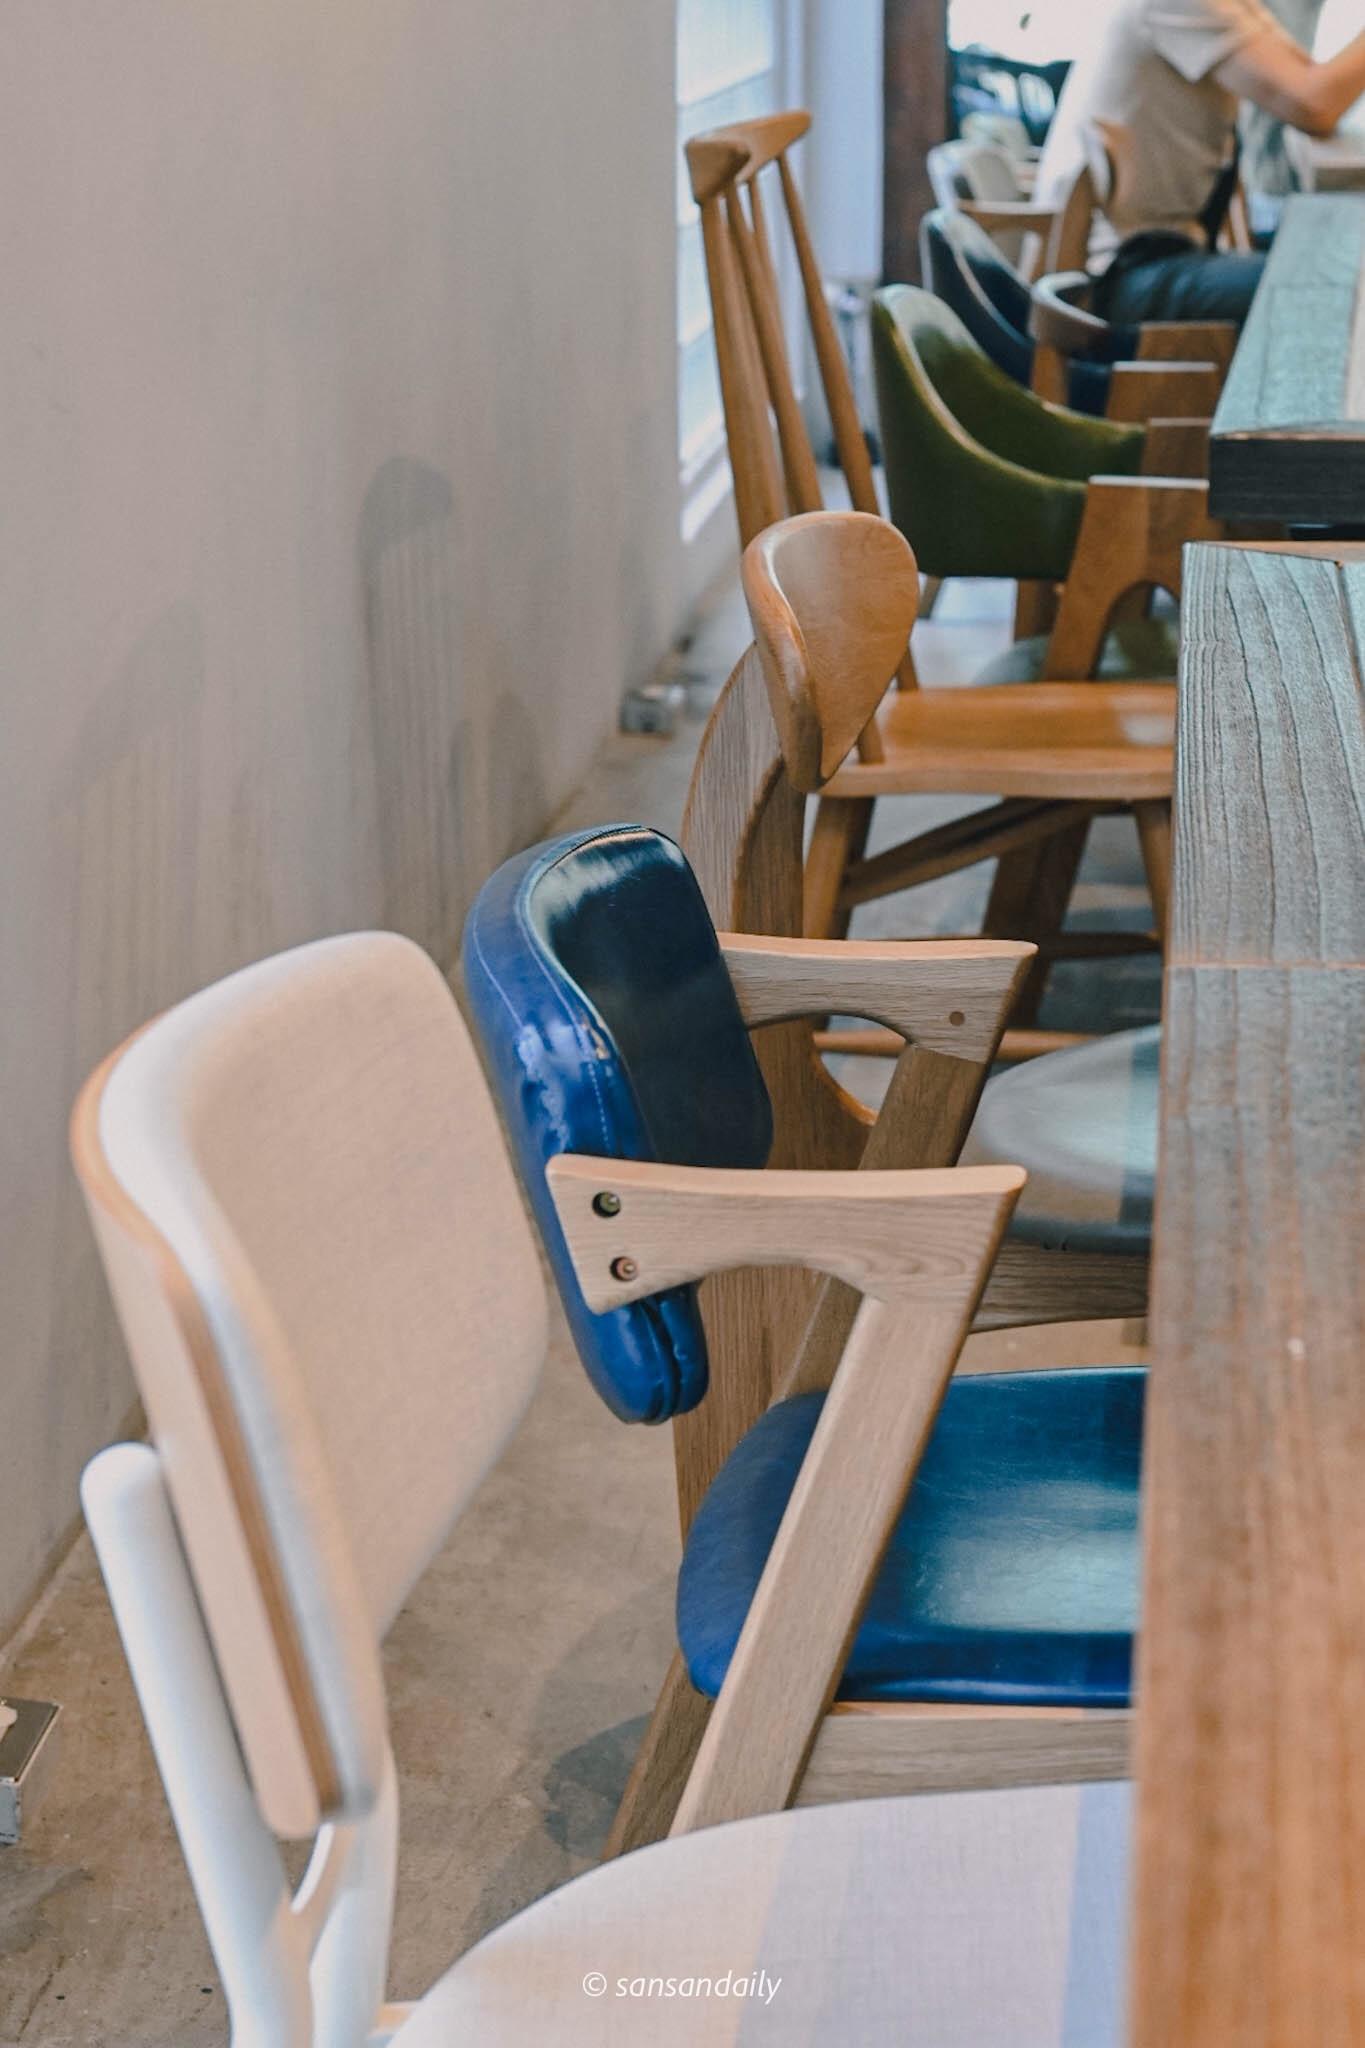 GUMGUM Beer & Wings雞翅酒吧內科店 多元藝術桌椅特寫